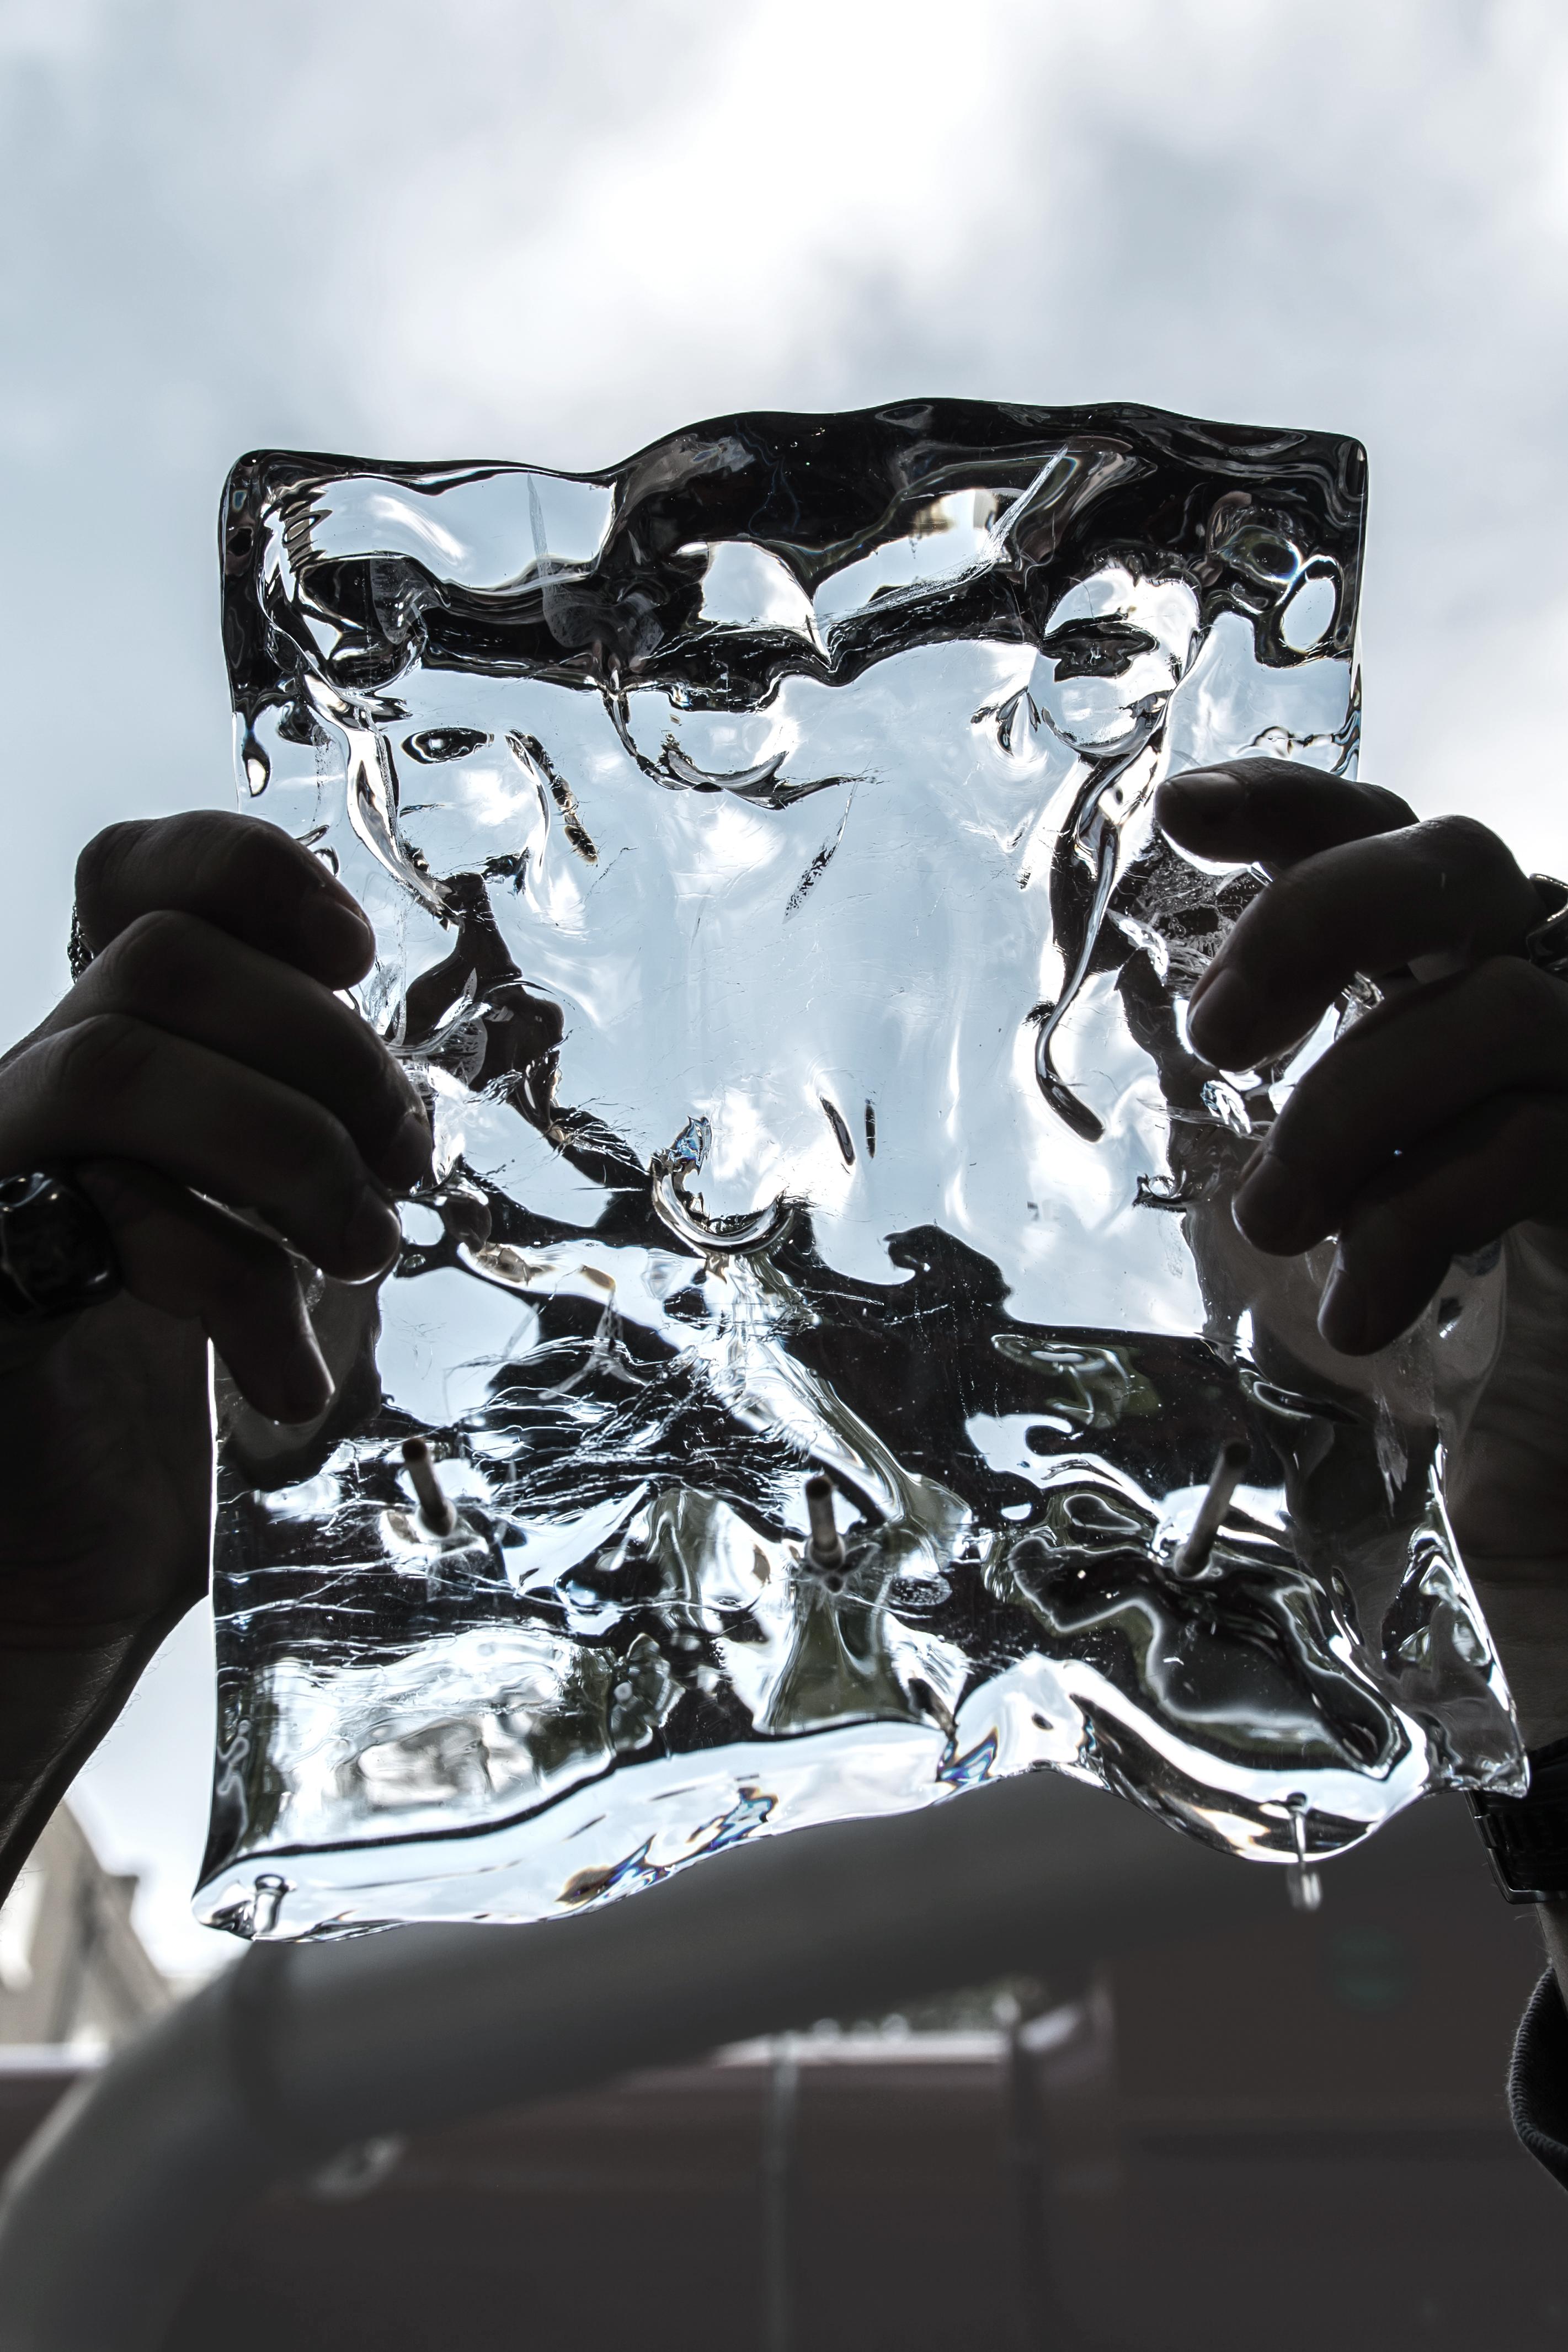 Ice test